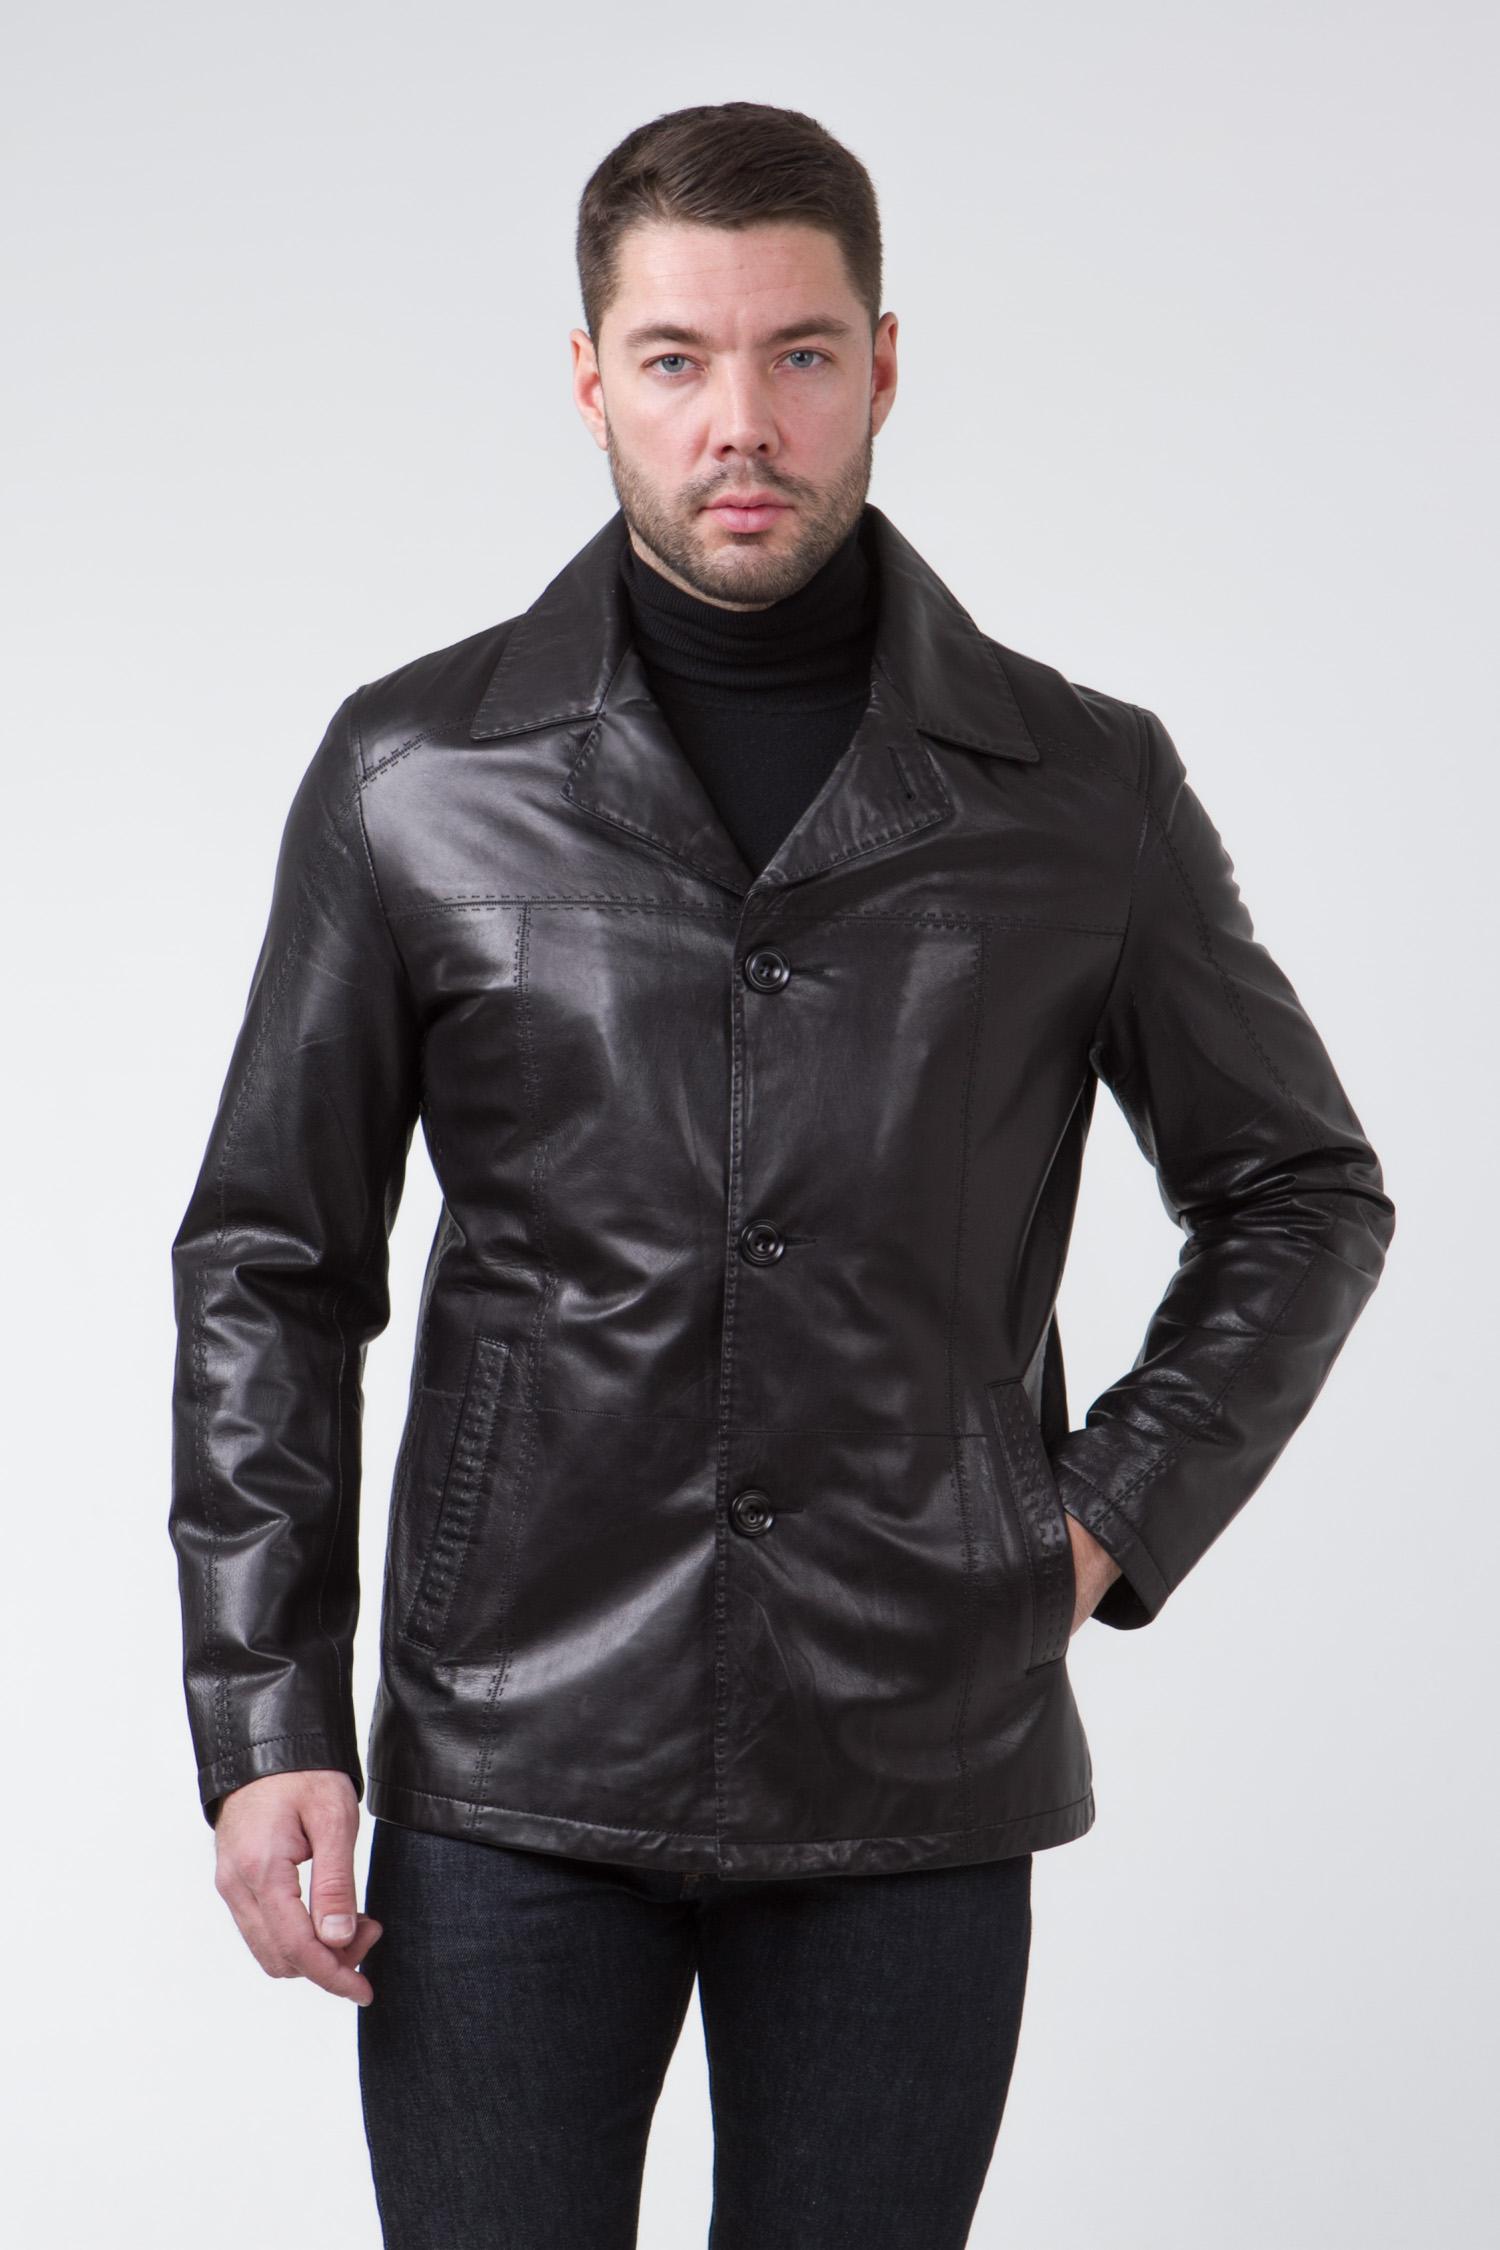 Мужская кожаная куртка из натуральной кожи с воротником, без отделки<br><br>Воротник: английский<br>Длина см: Средняя (75-89 )<br>Материал: Кожа овчина<br>Цвет: черный<br>Вид застежки: центральная<br>Застежка: на пуговицы<br>Пол: Мужской<br>Размер RU: 54